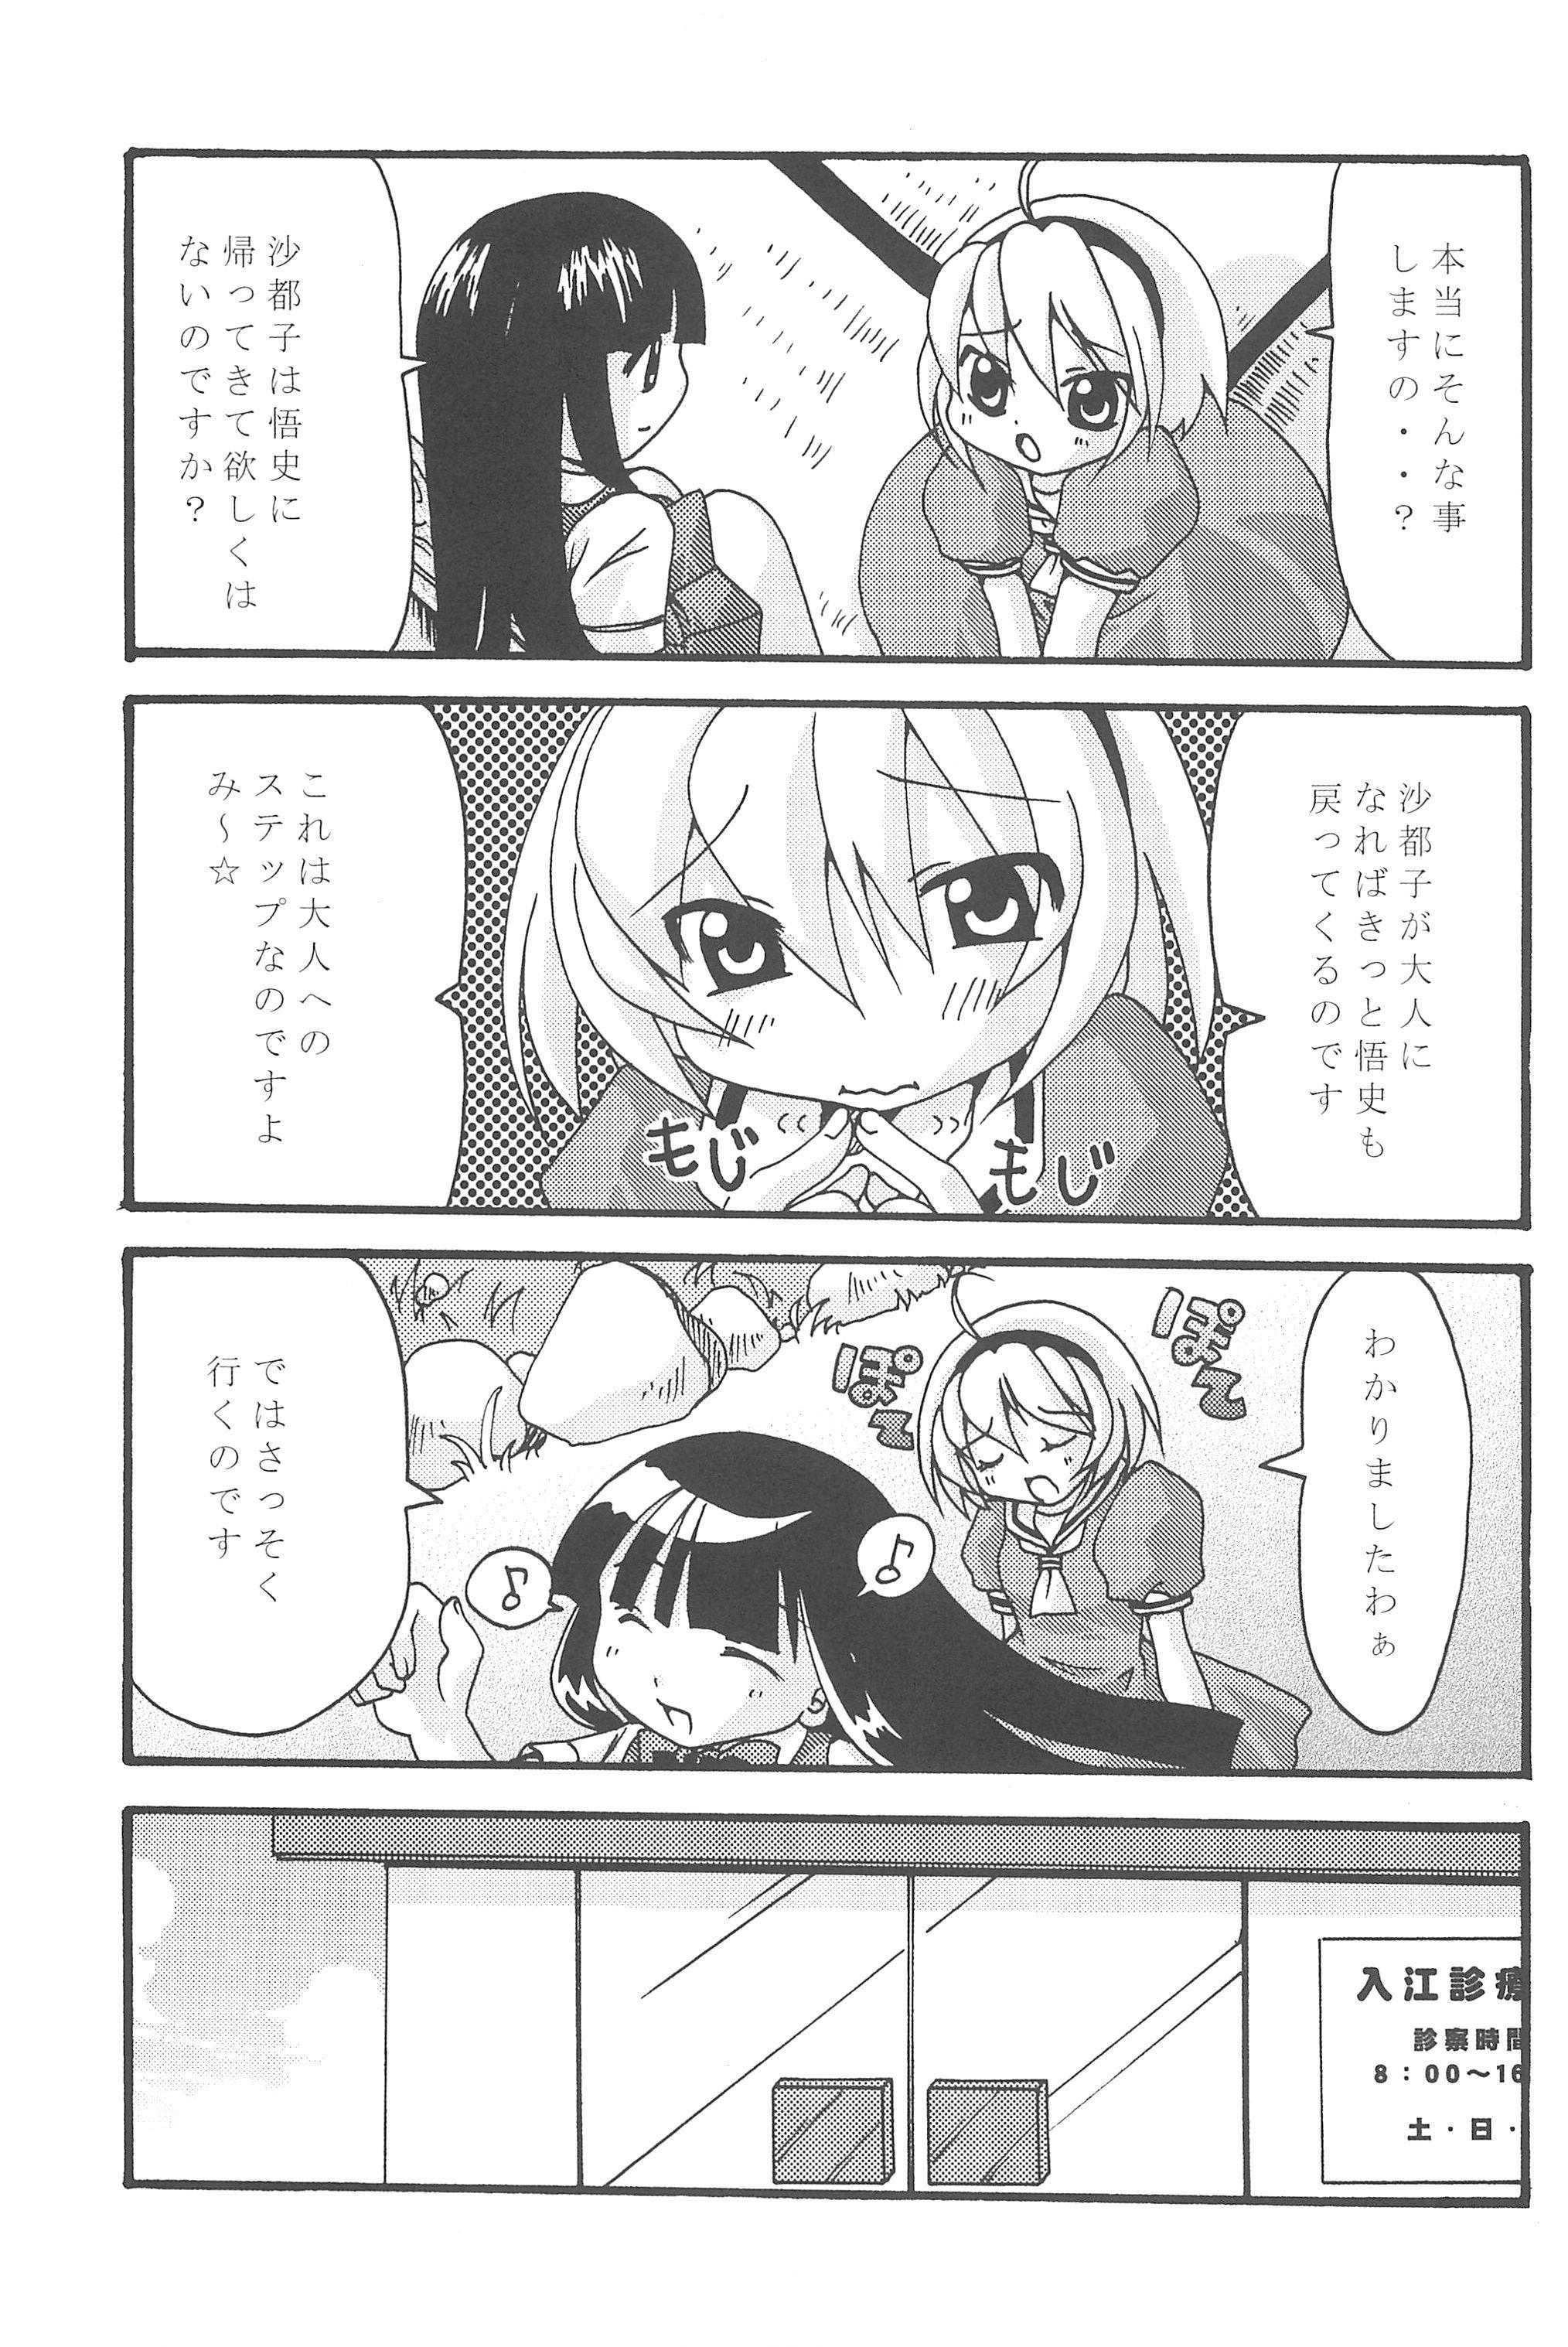 Zetsubou to Yokubou to Onnanoko to Onnanoko 10